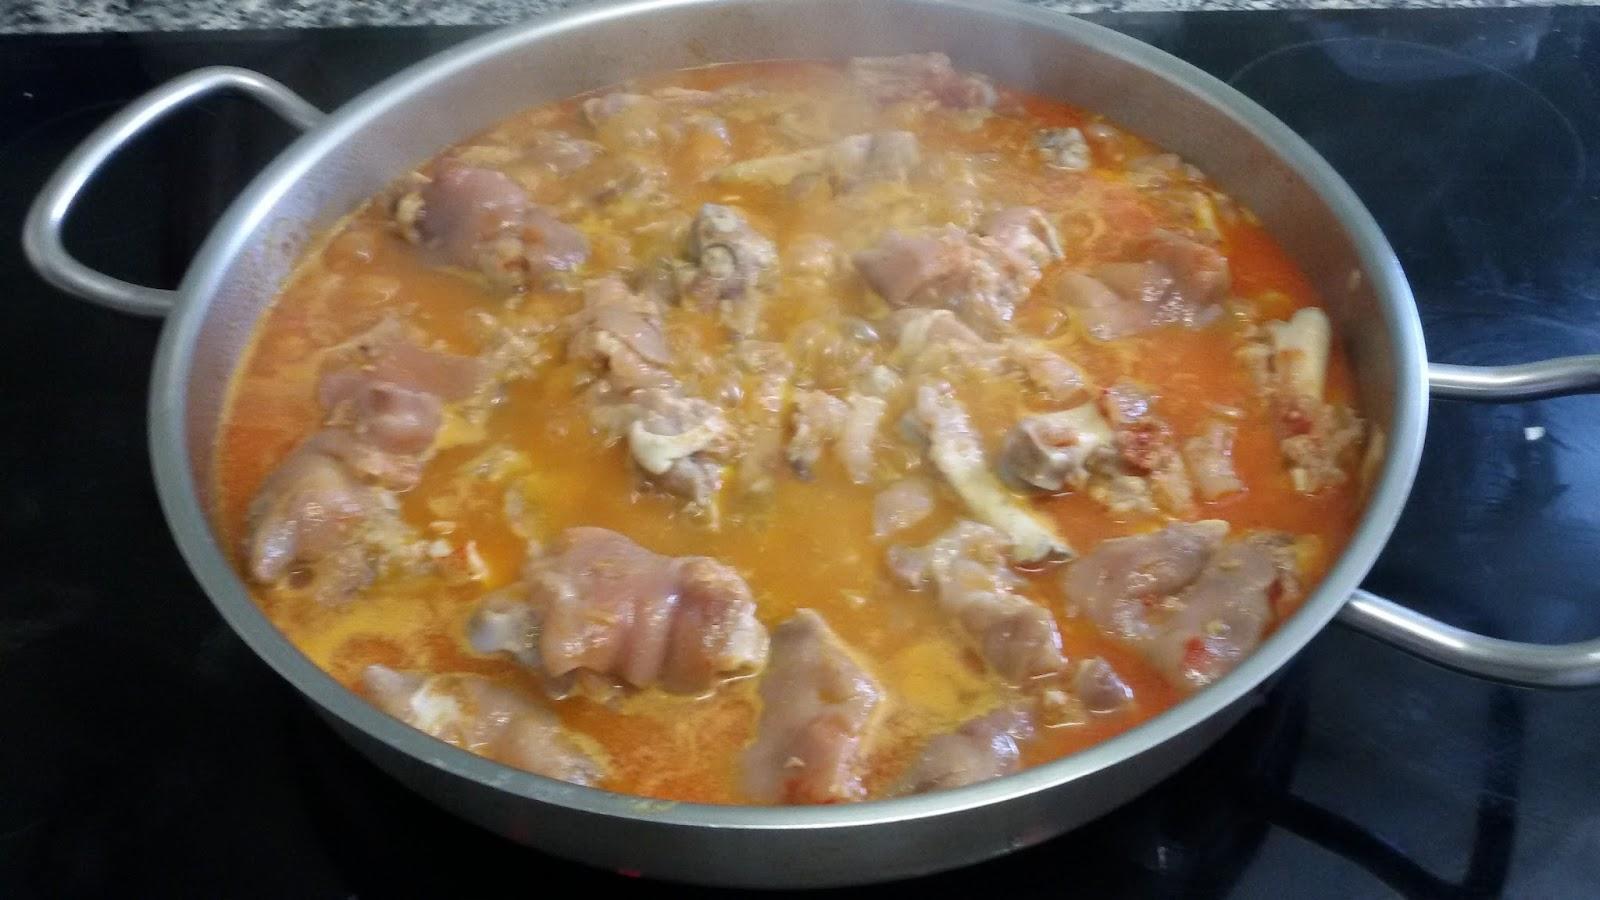 Las recetas de pepe faciles y baratas for Facil de cocinar